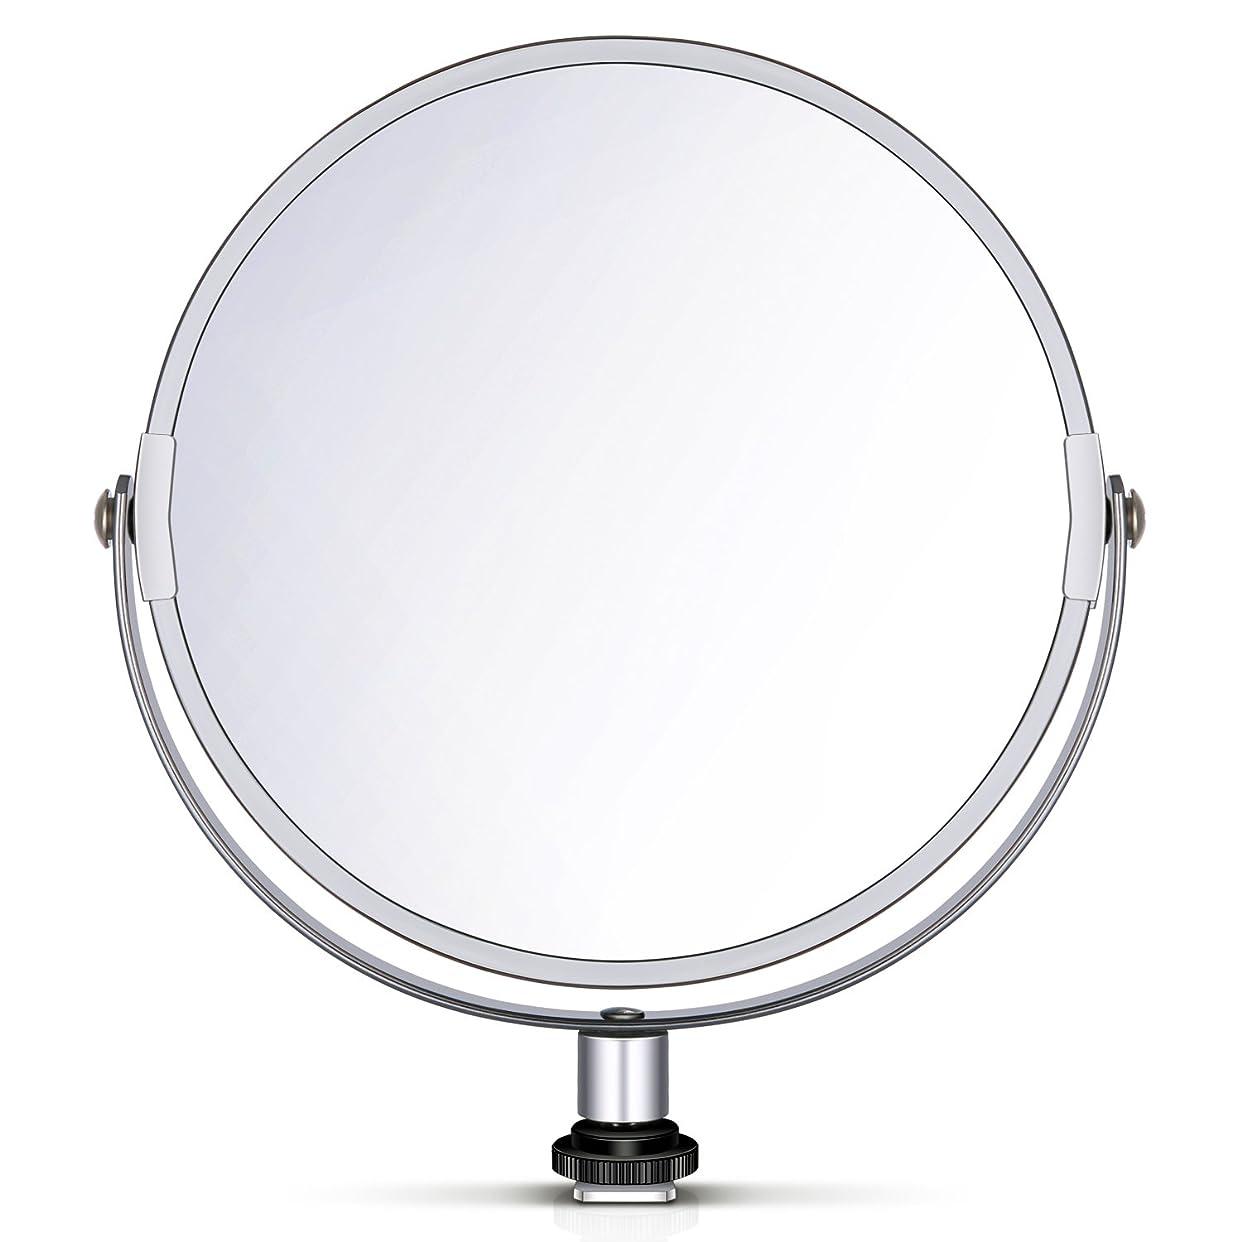 人工的なペンス実質的Neewer 両面鏡 拡大鏡 化粧鏡 8 in/20 cm 円形 18 inのリングライト 自撮り 化粧 ポートレート用アダプタ付